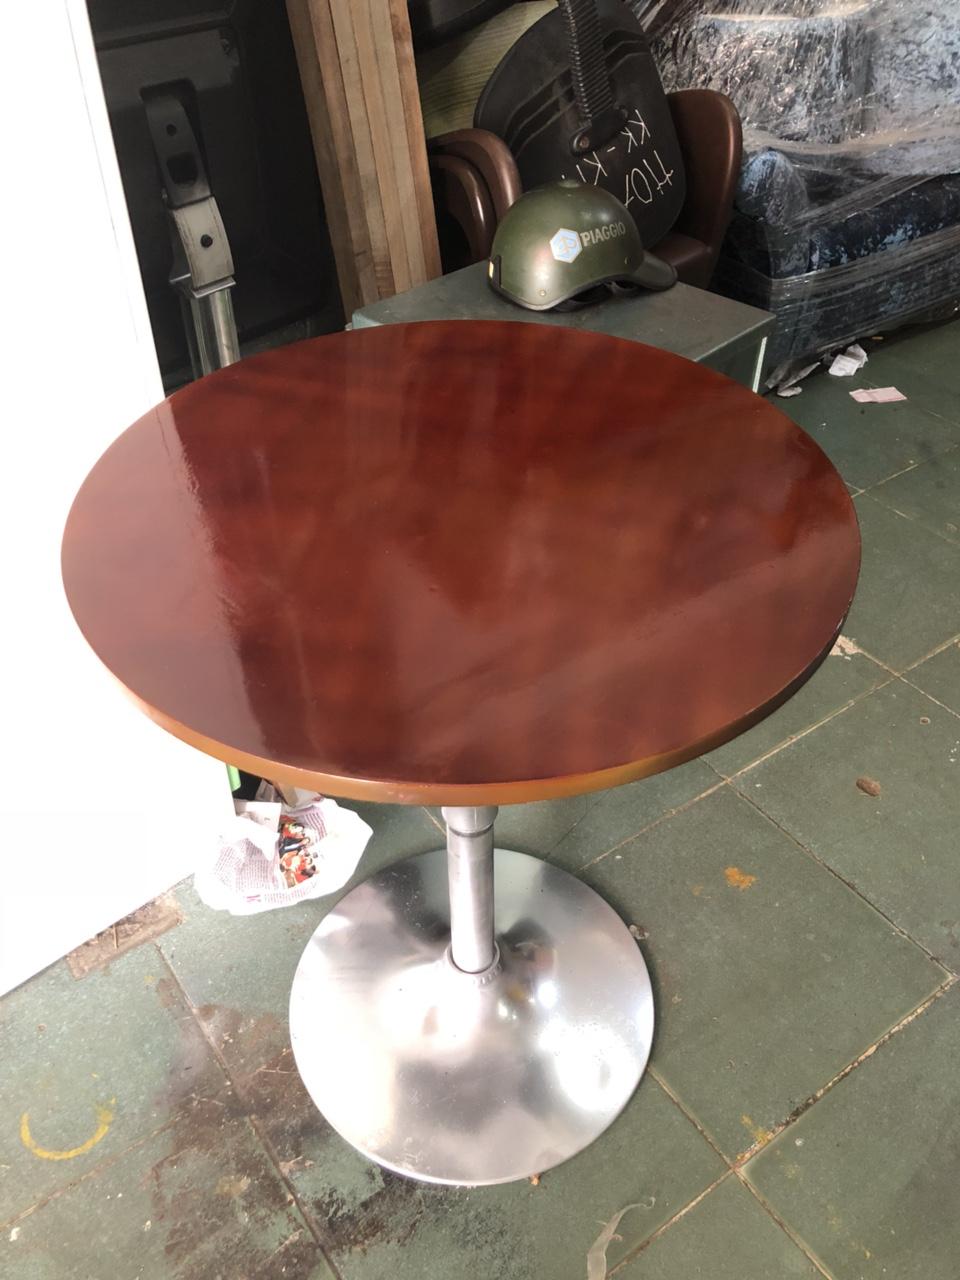 Thanh lý bàn cafe gỗ chân Inox cũ